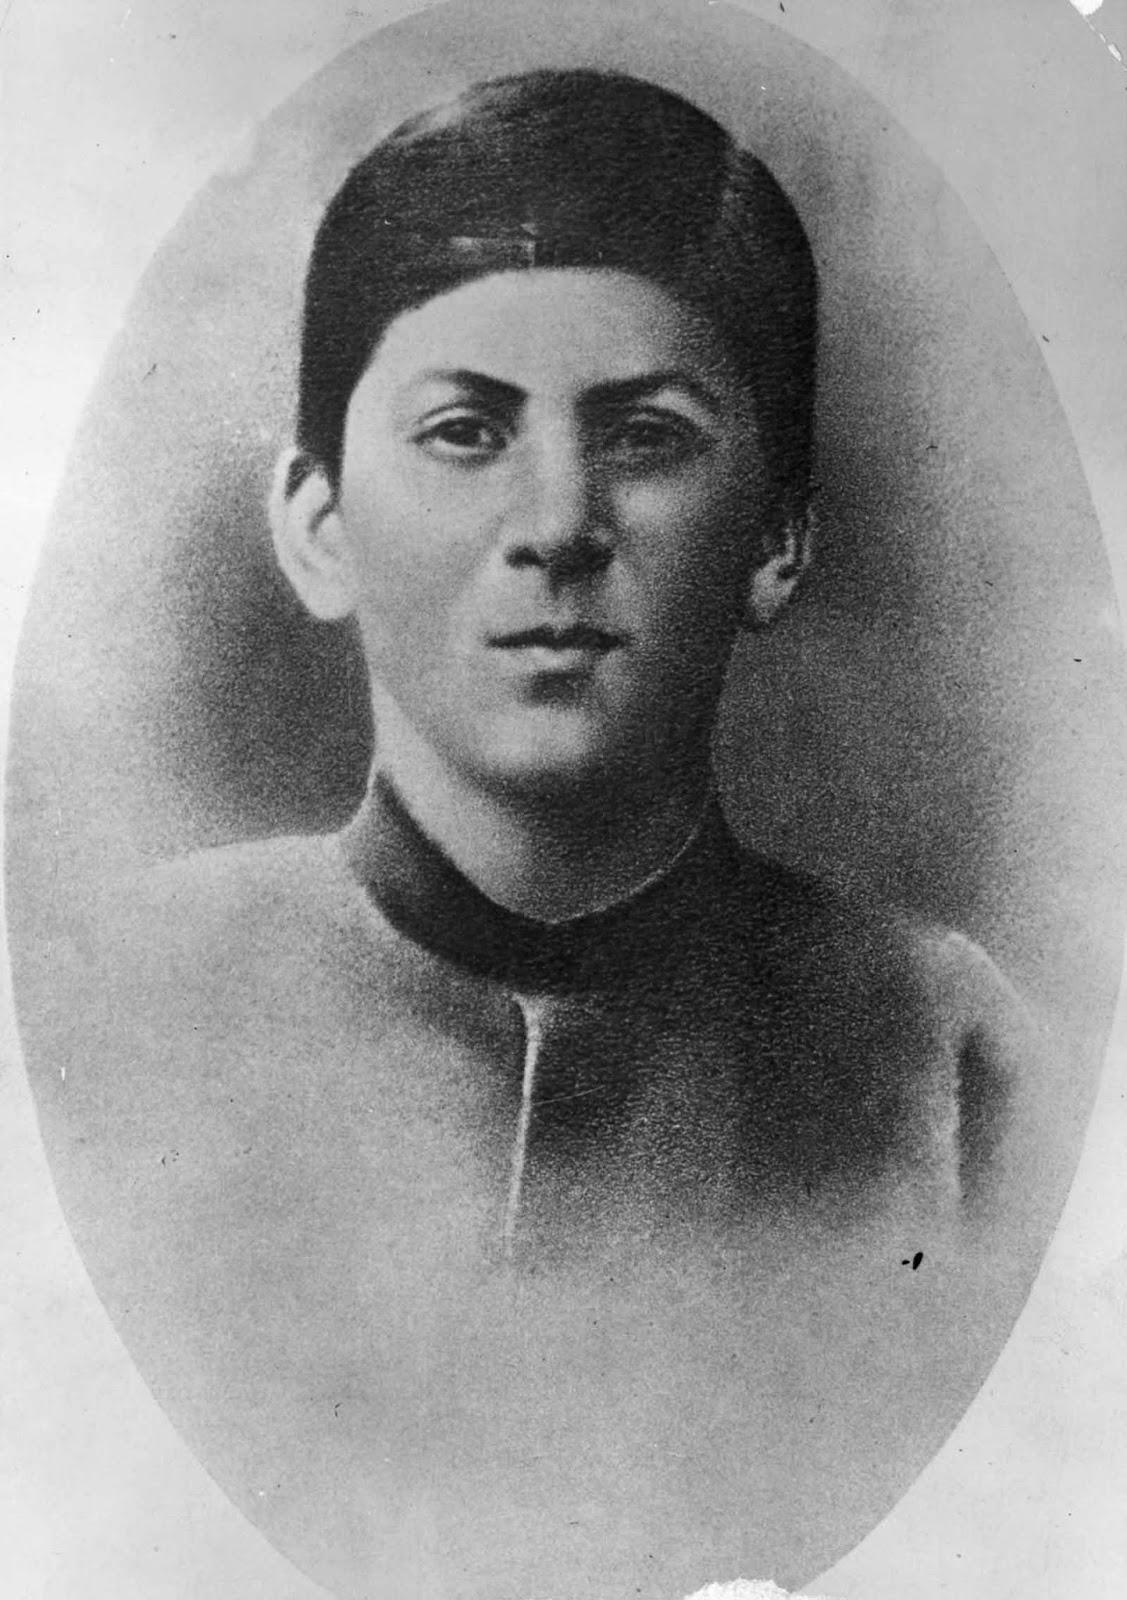 Stalin at age 15. 1894.